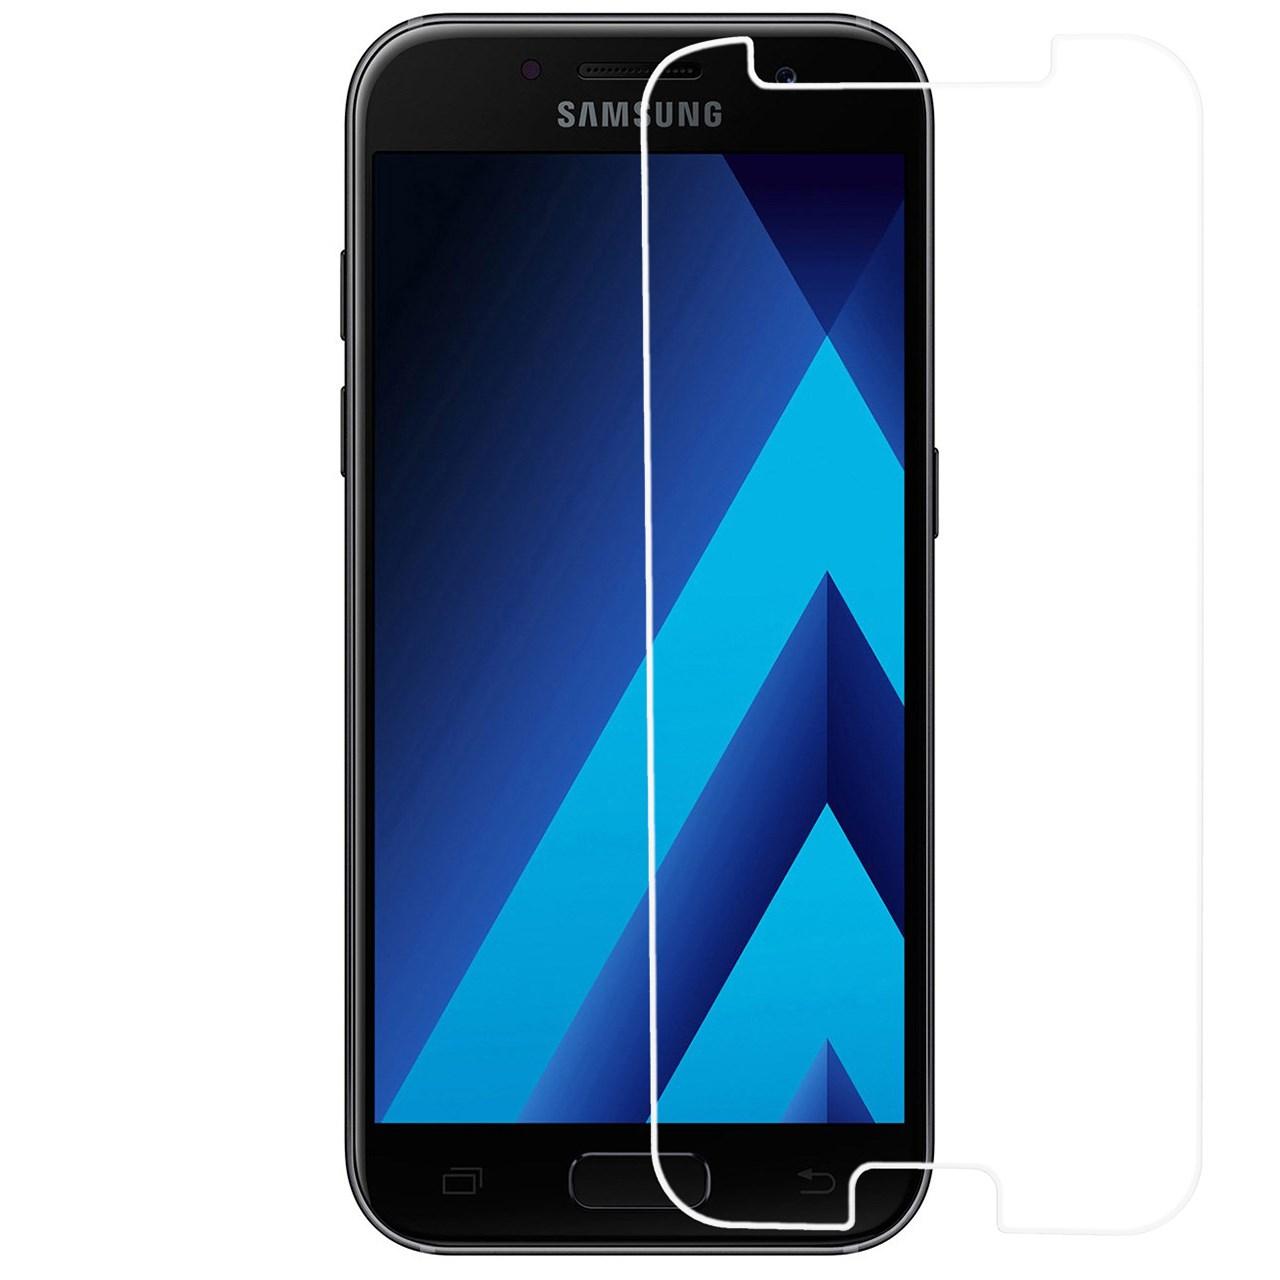 محافظ صفحه نمایش شیشه ای ریمکس مدلTempered مناسب برای گوشی موبایل سامسونگ Galaxy A7 2017